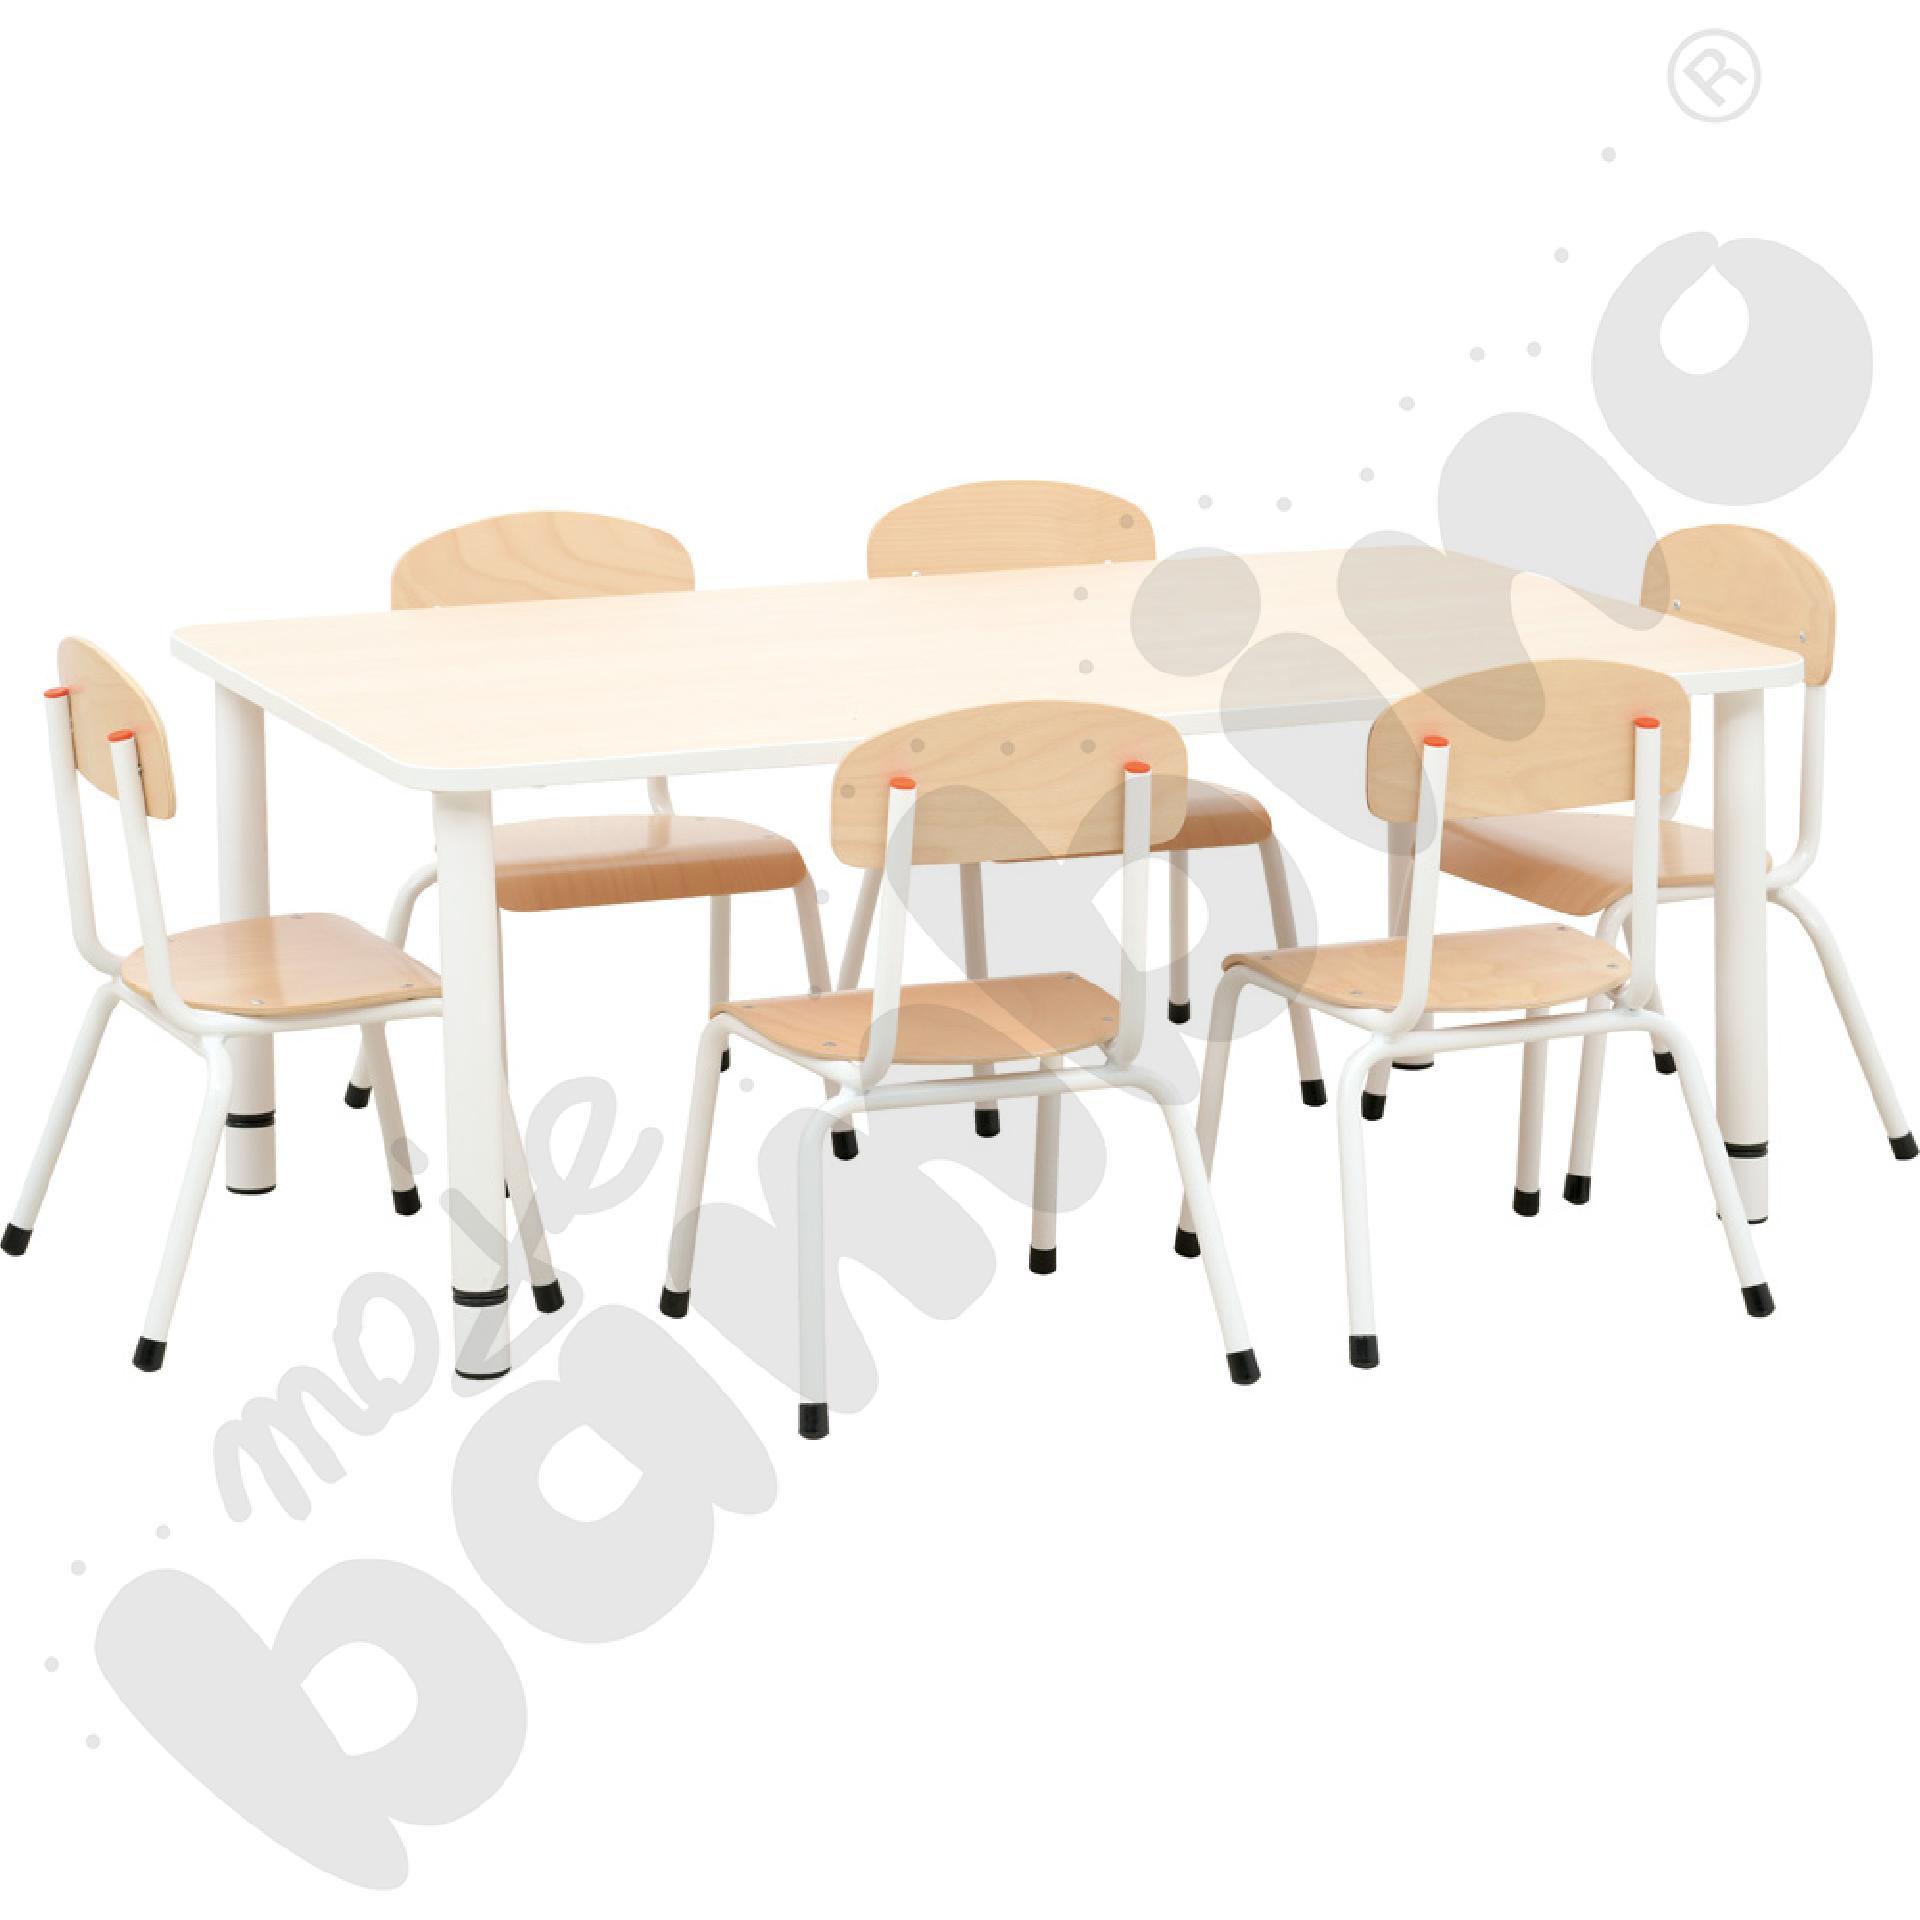 Stół Bambino z krzesłami Bambino rozm. 1aaa